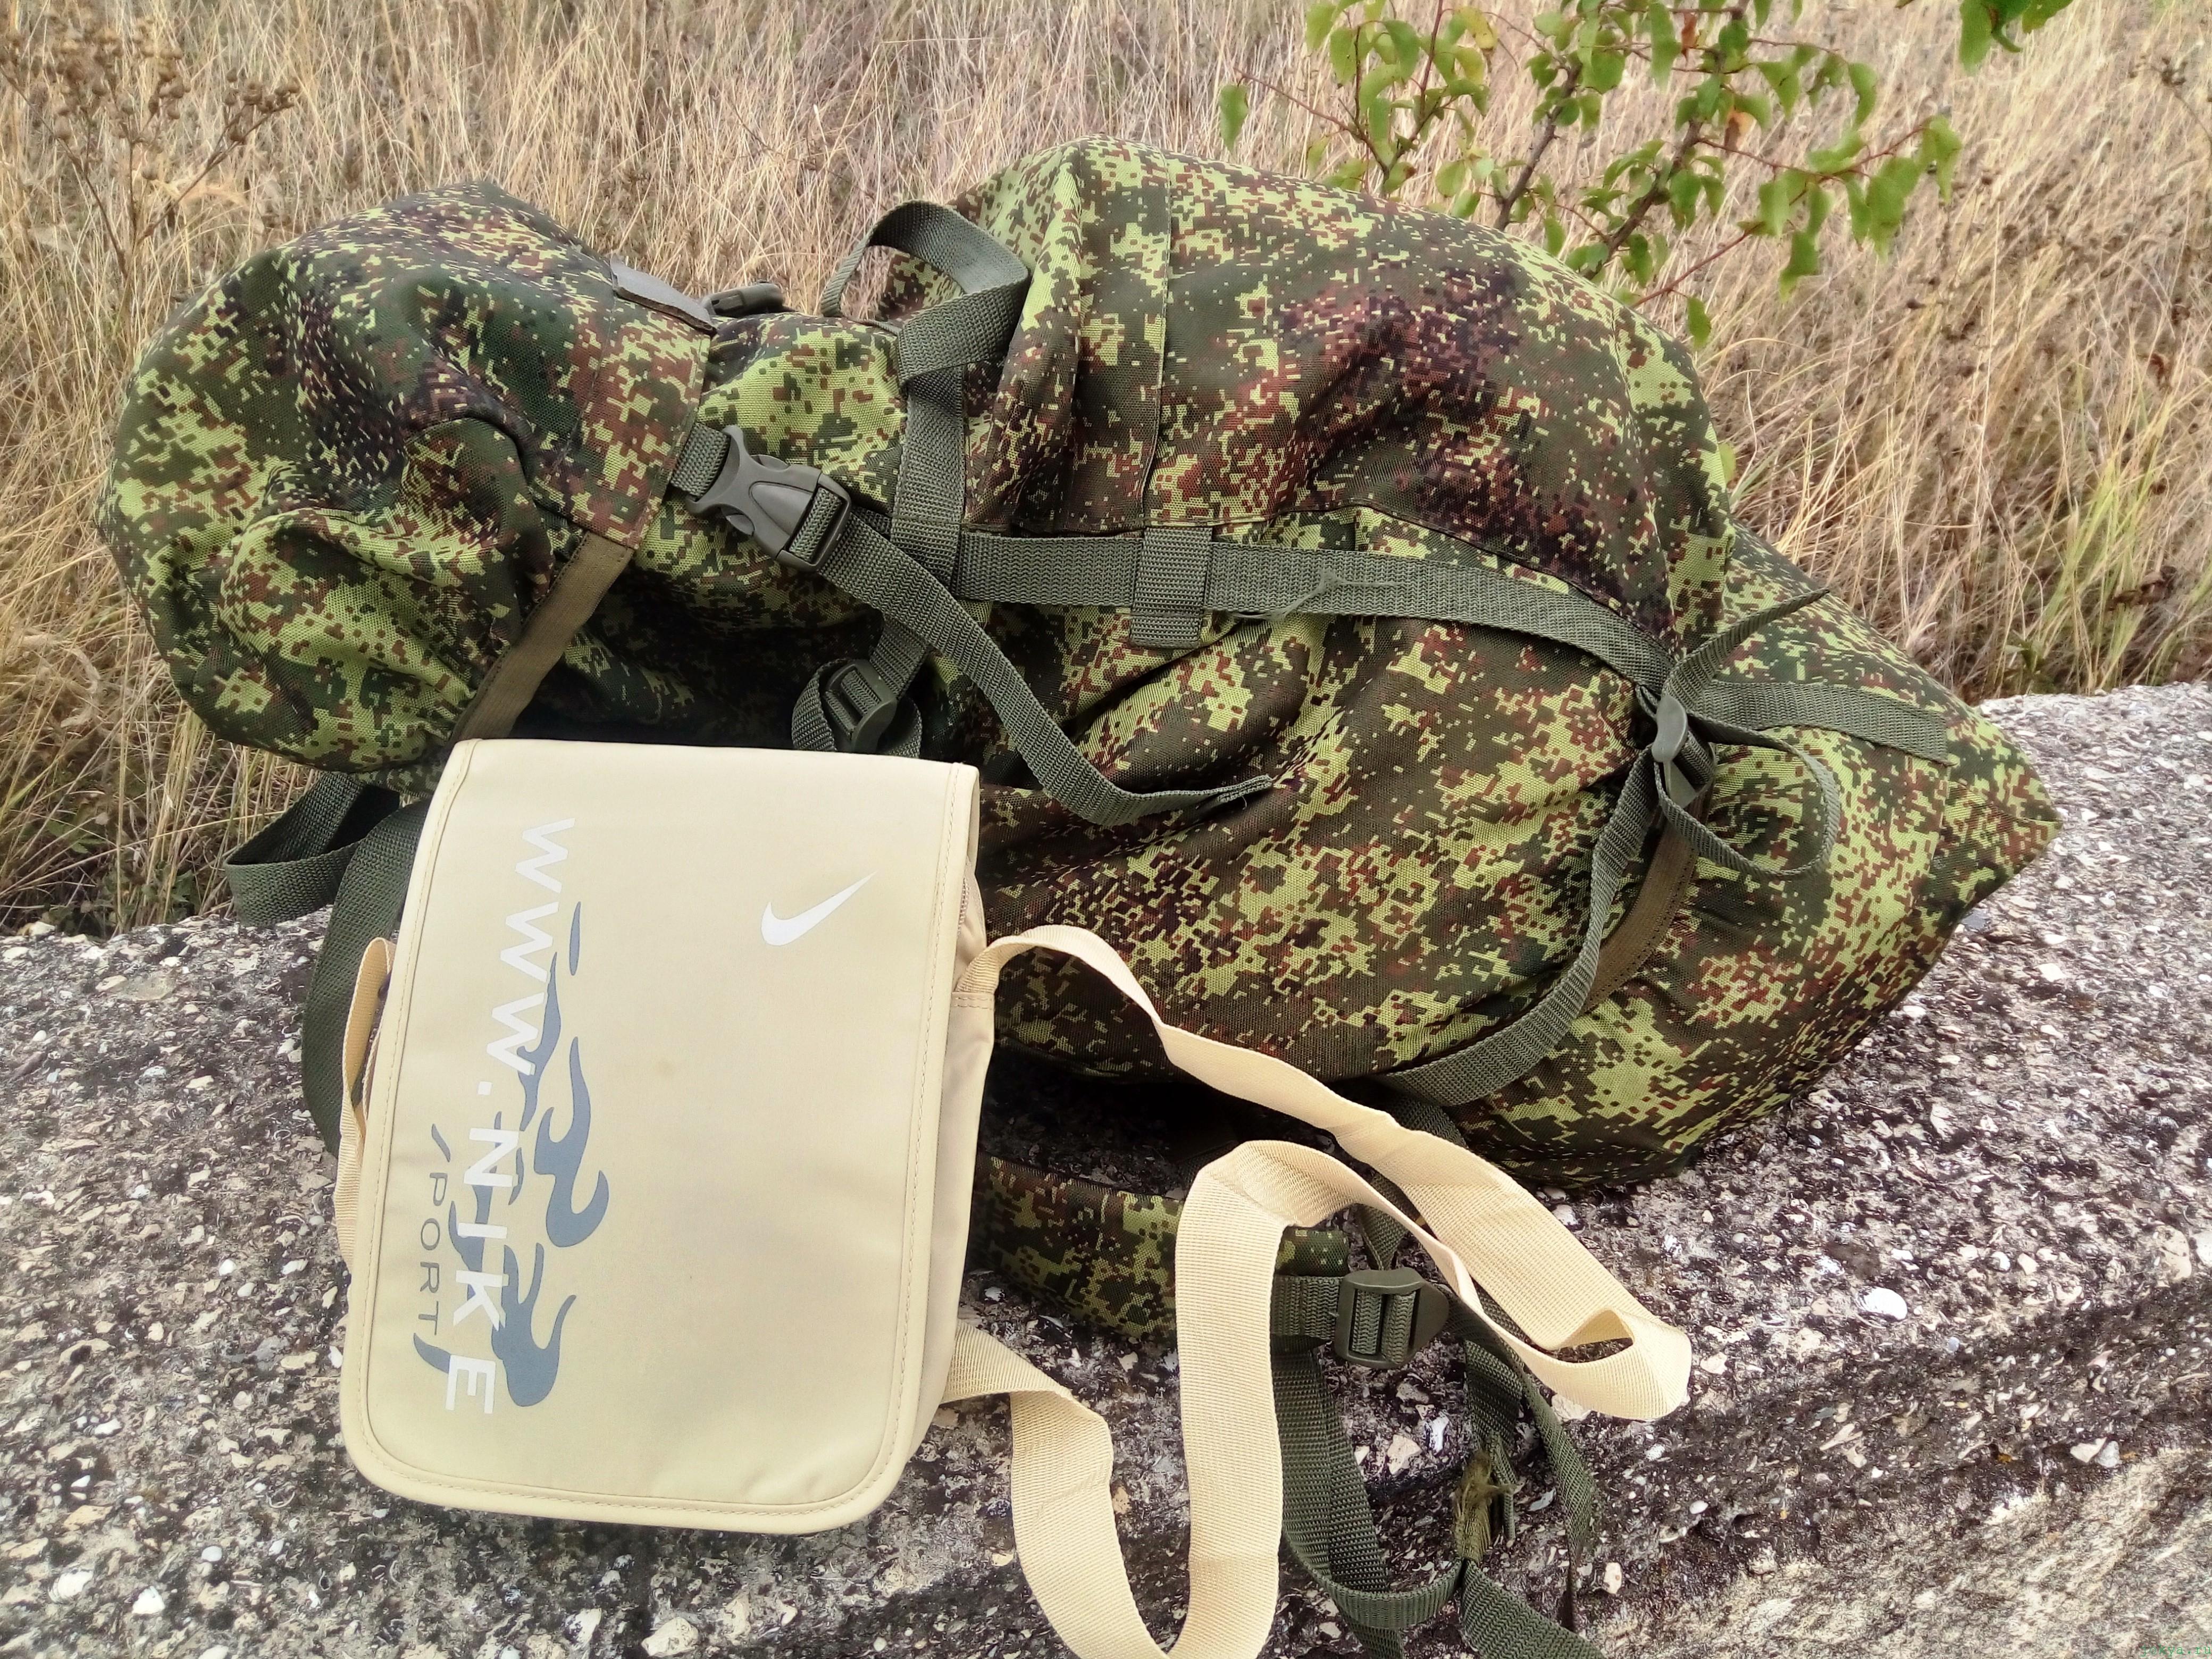 Сумка для рыбалки фото заметка из моей реальности в Крыму jokya.ru